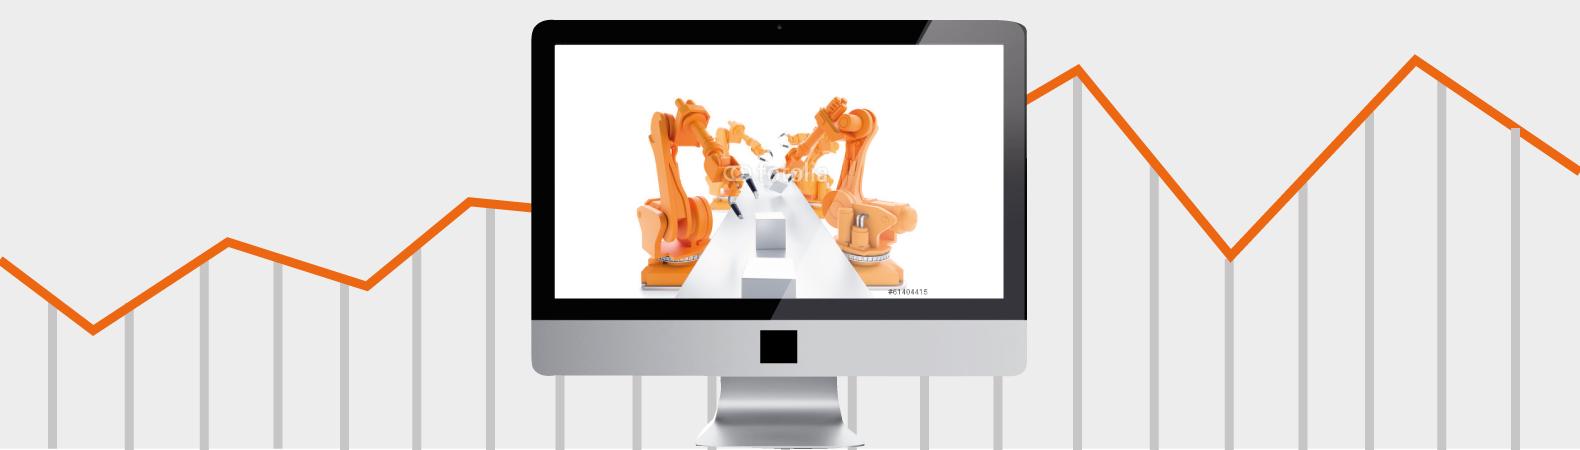 Étude de robotisation